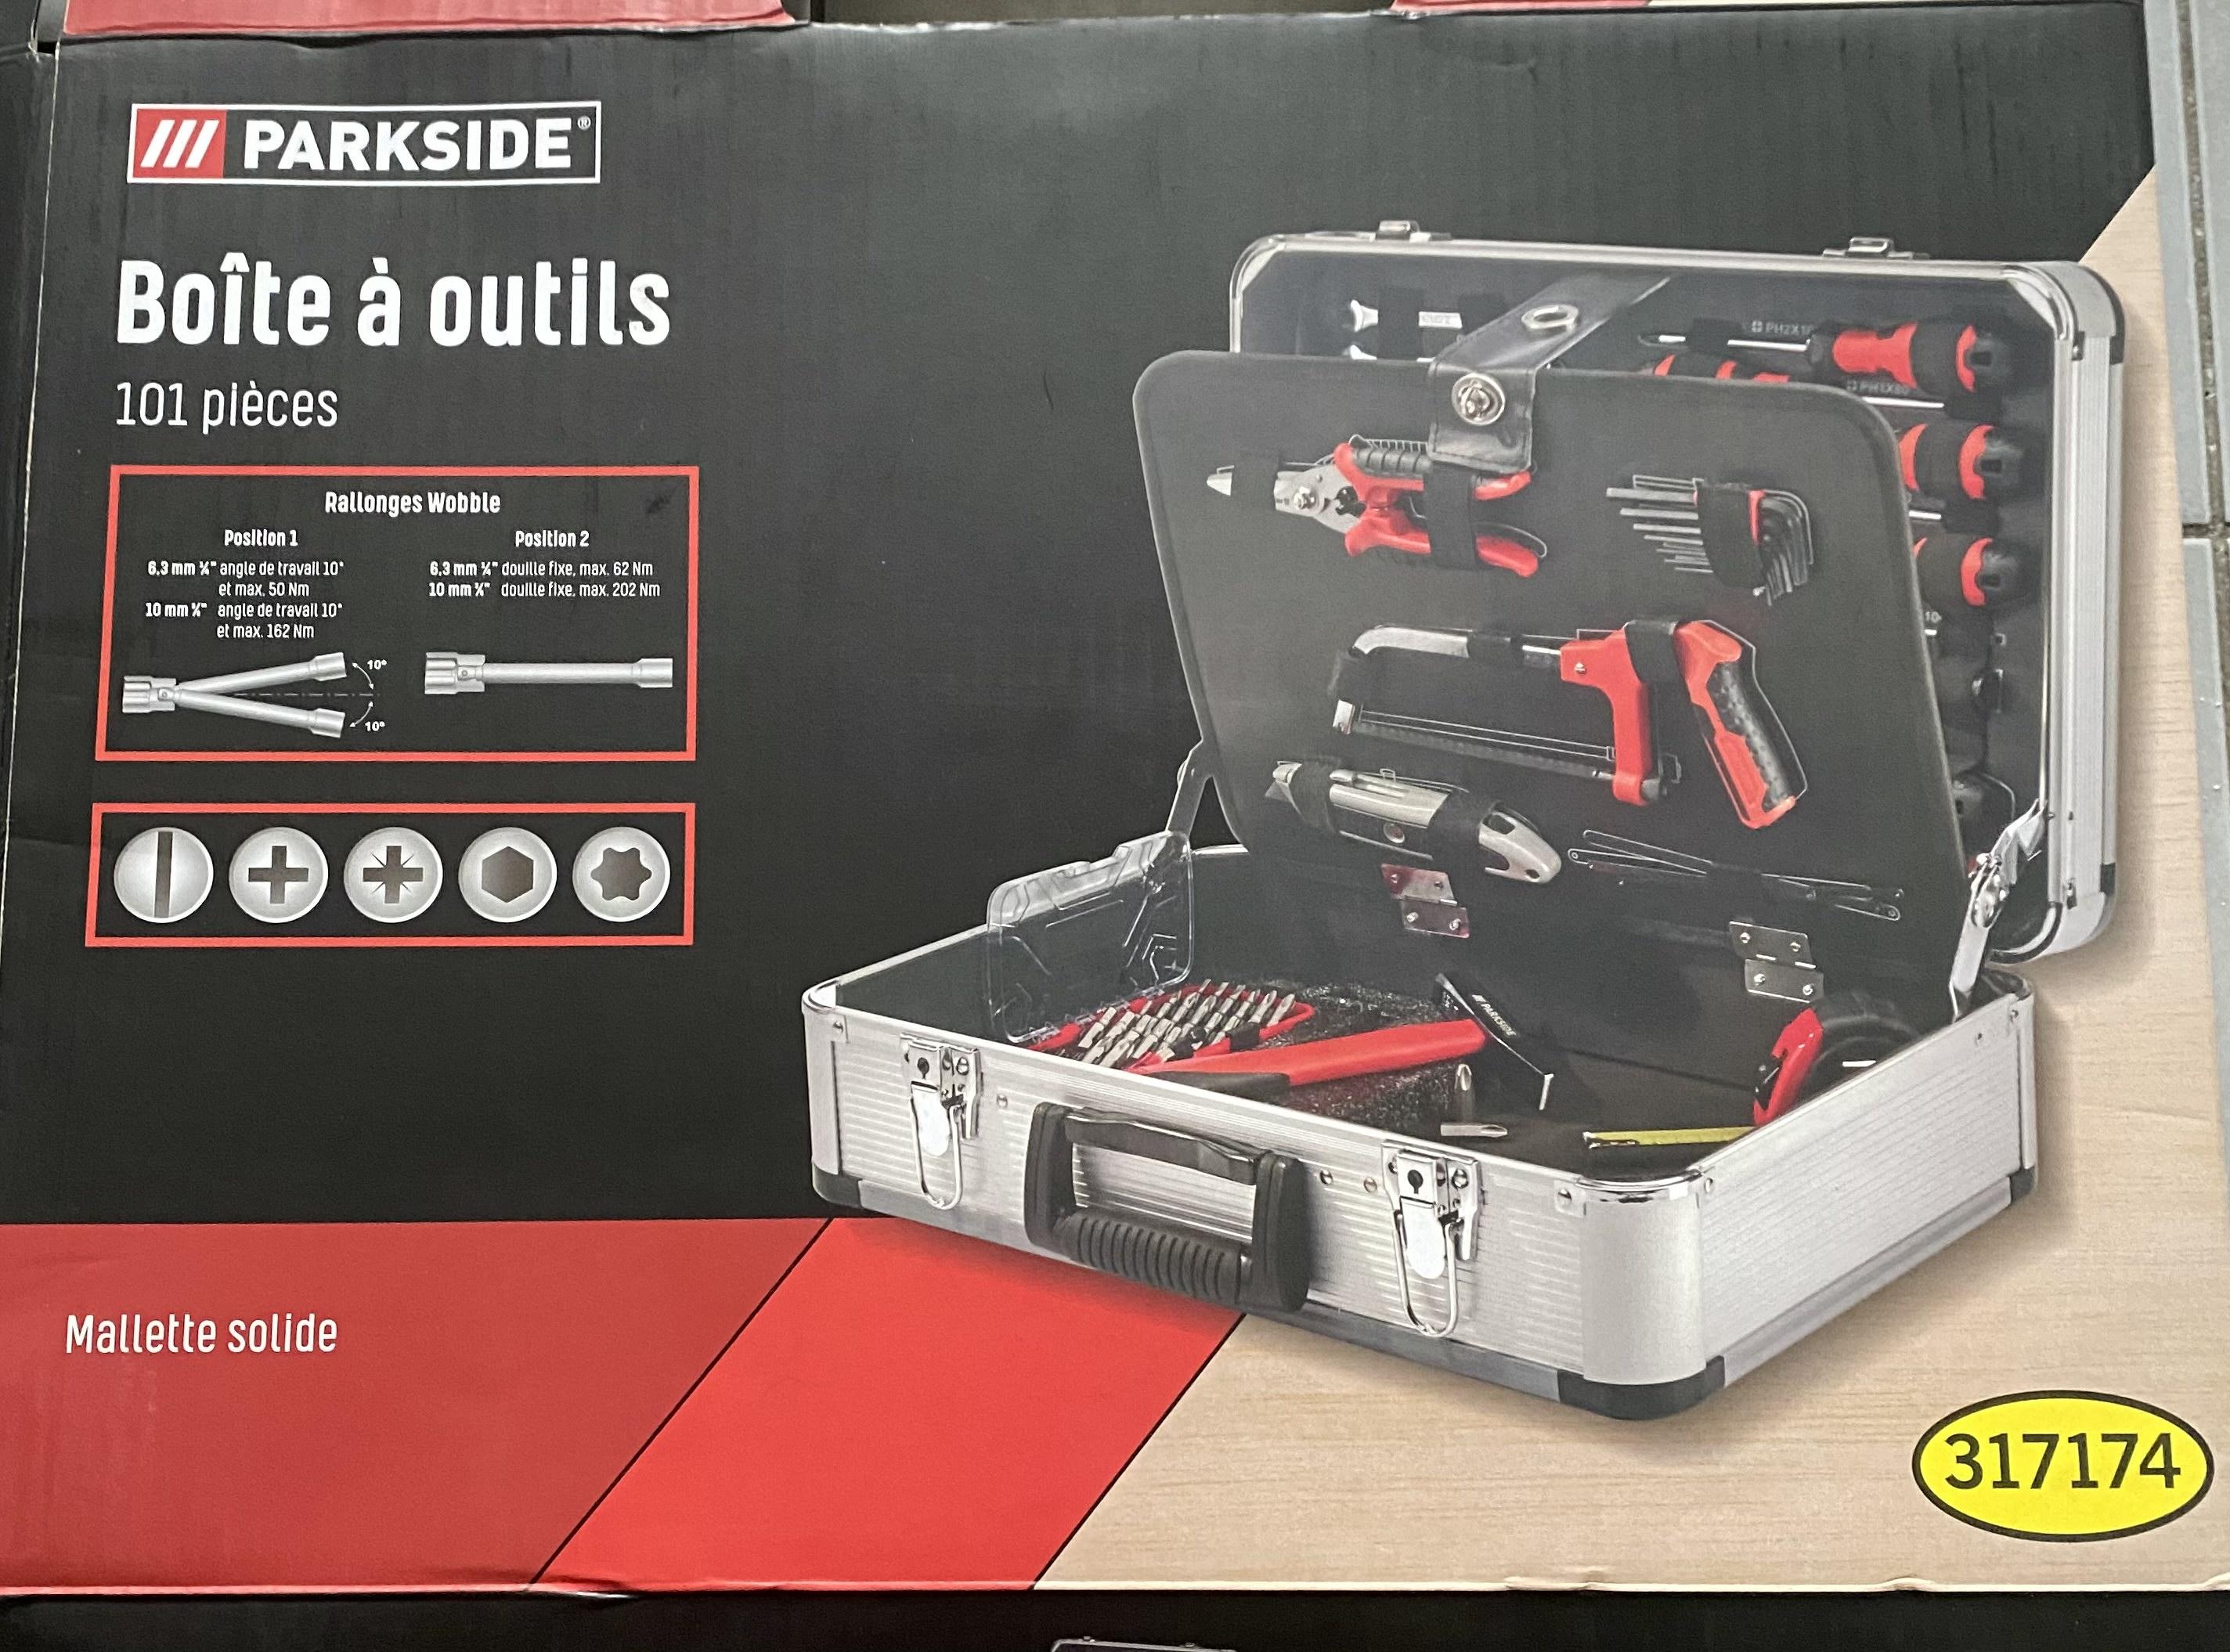 Boîte à outils ParkSide (101 pièces) - Proville (59)